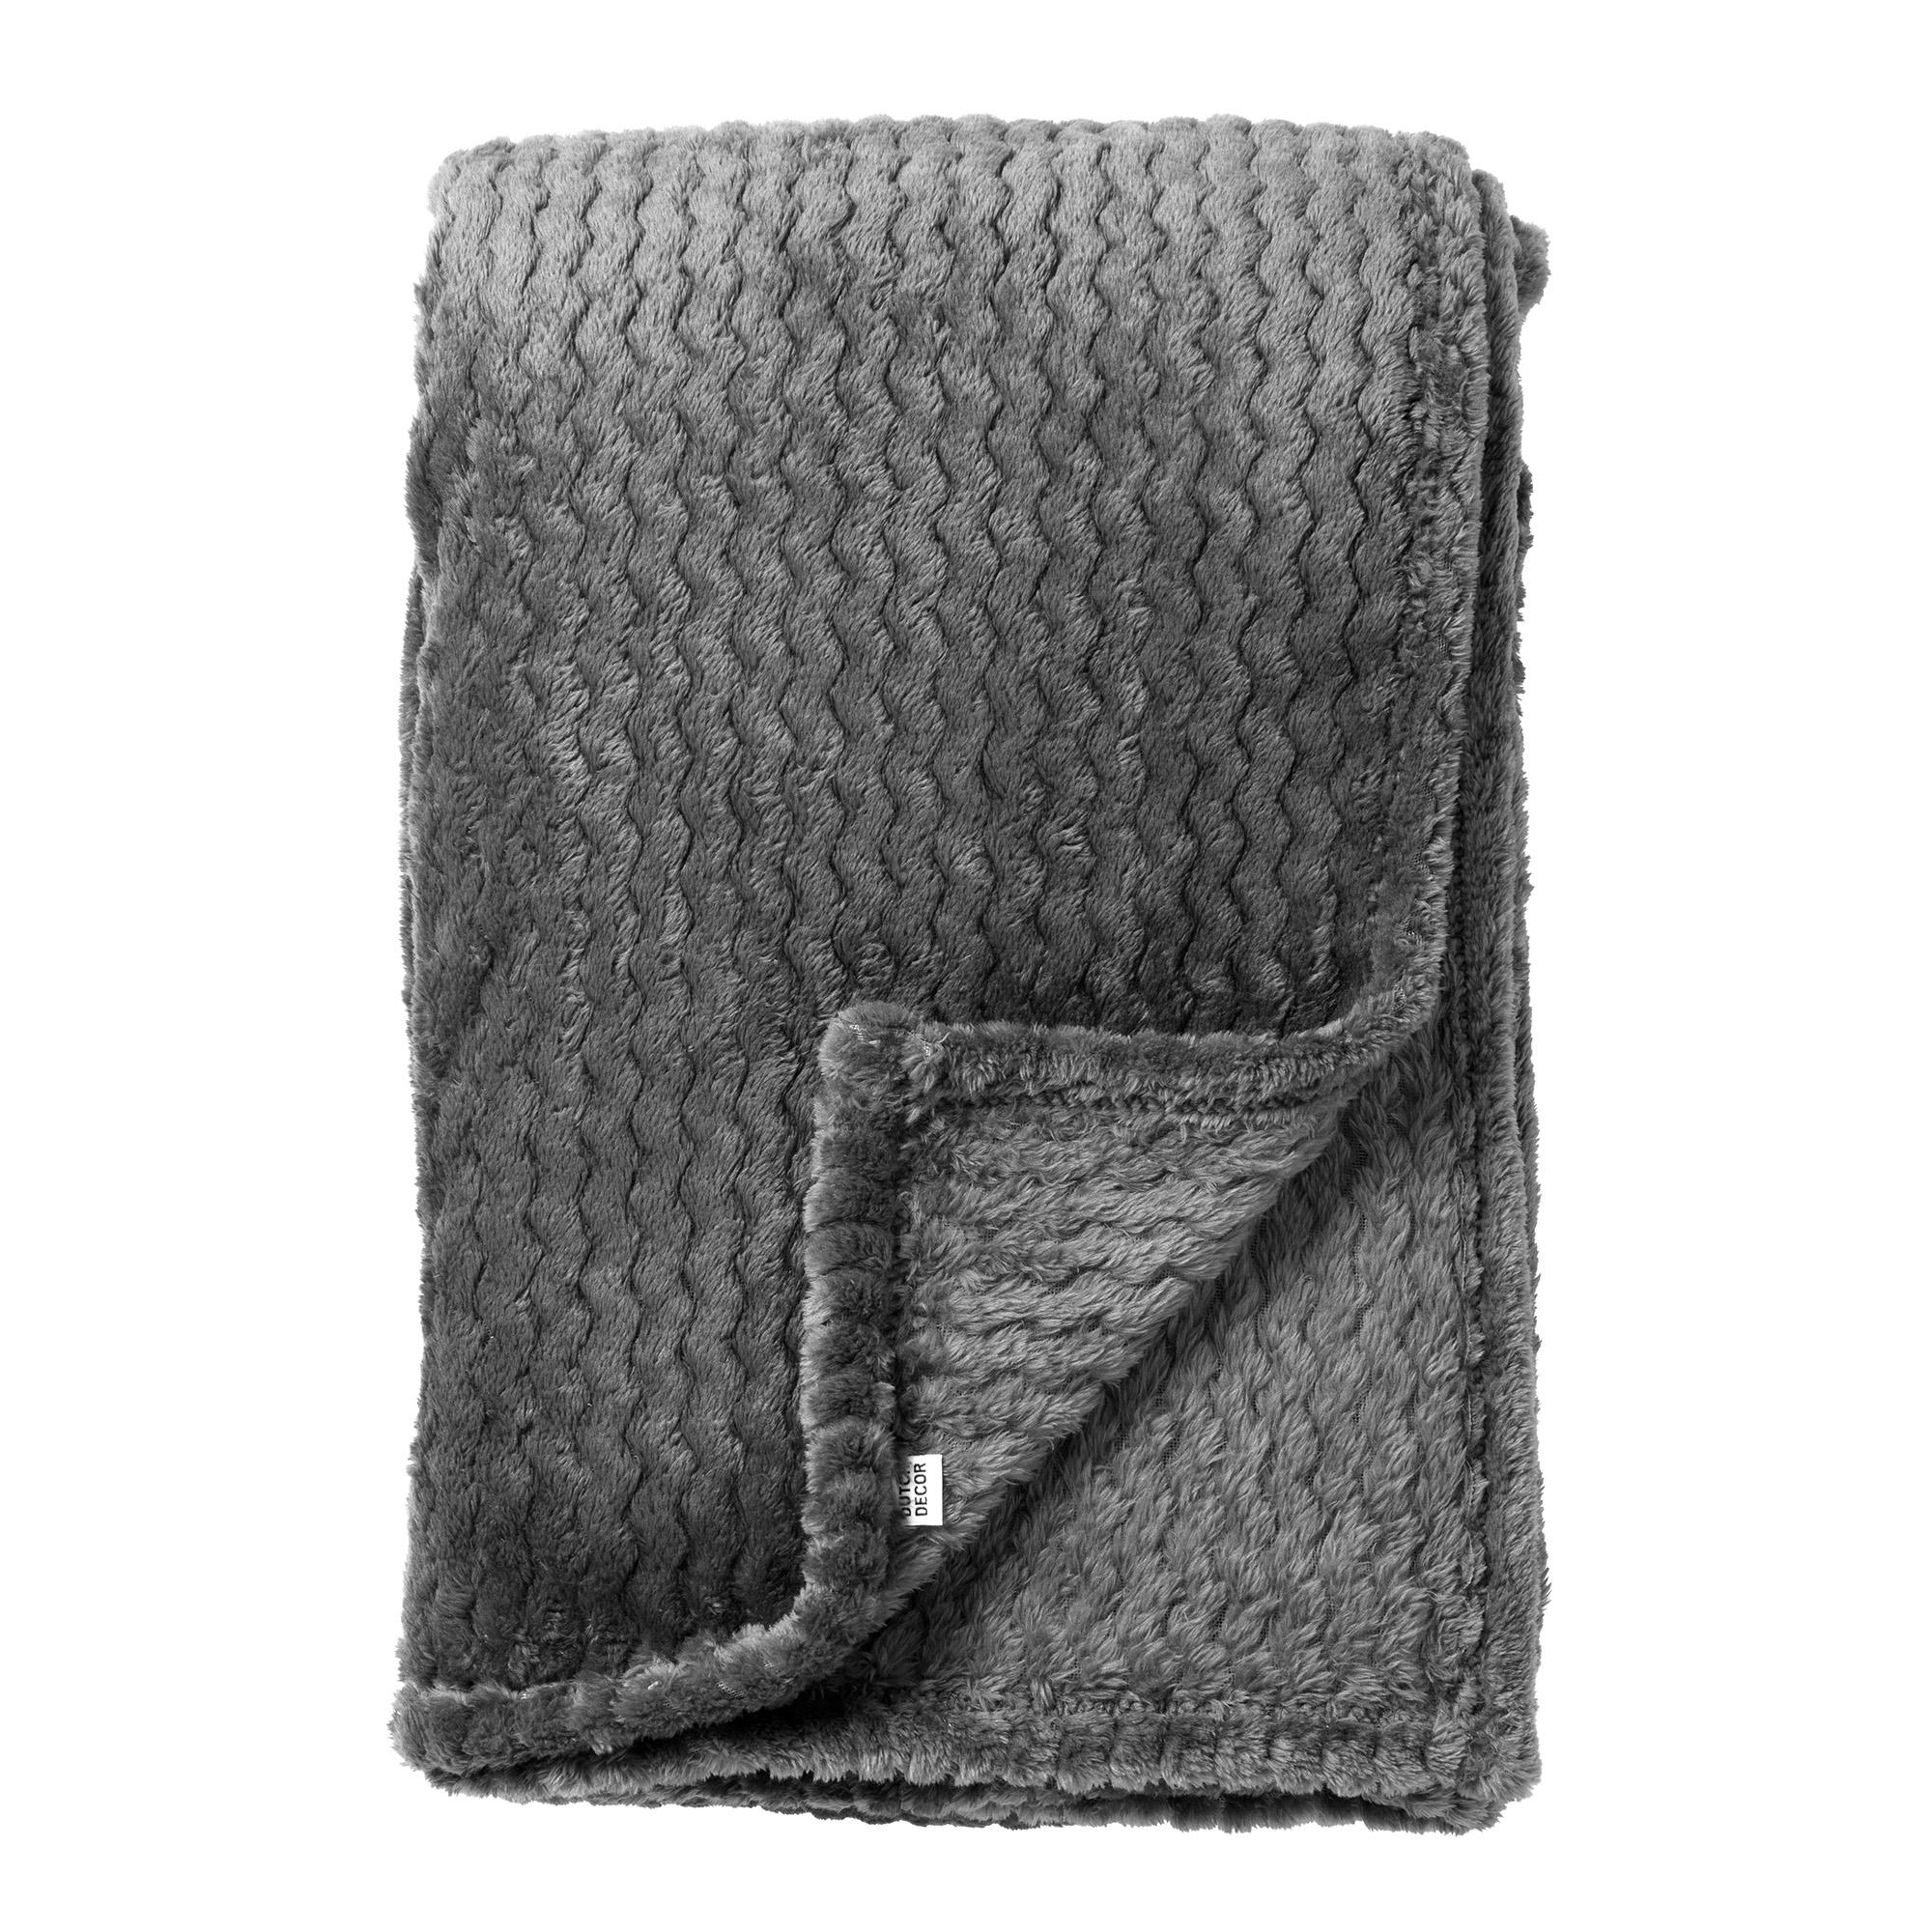 MARA - Plaid Charcoal Gray 150x200 cm